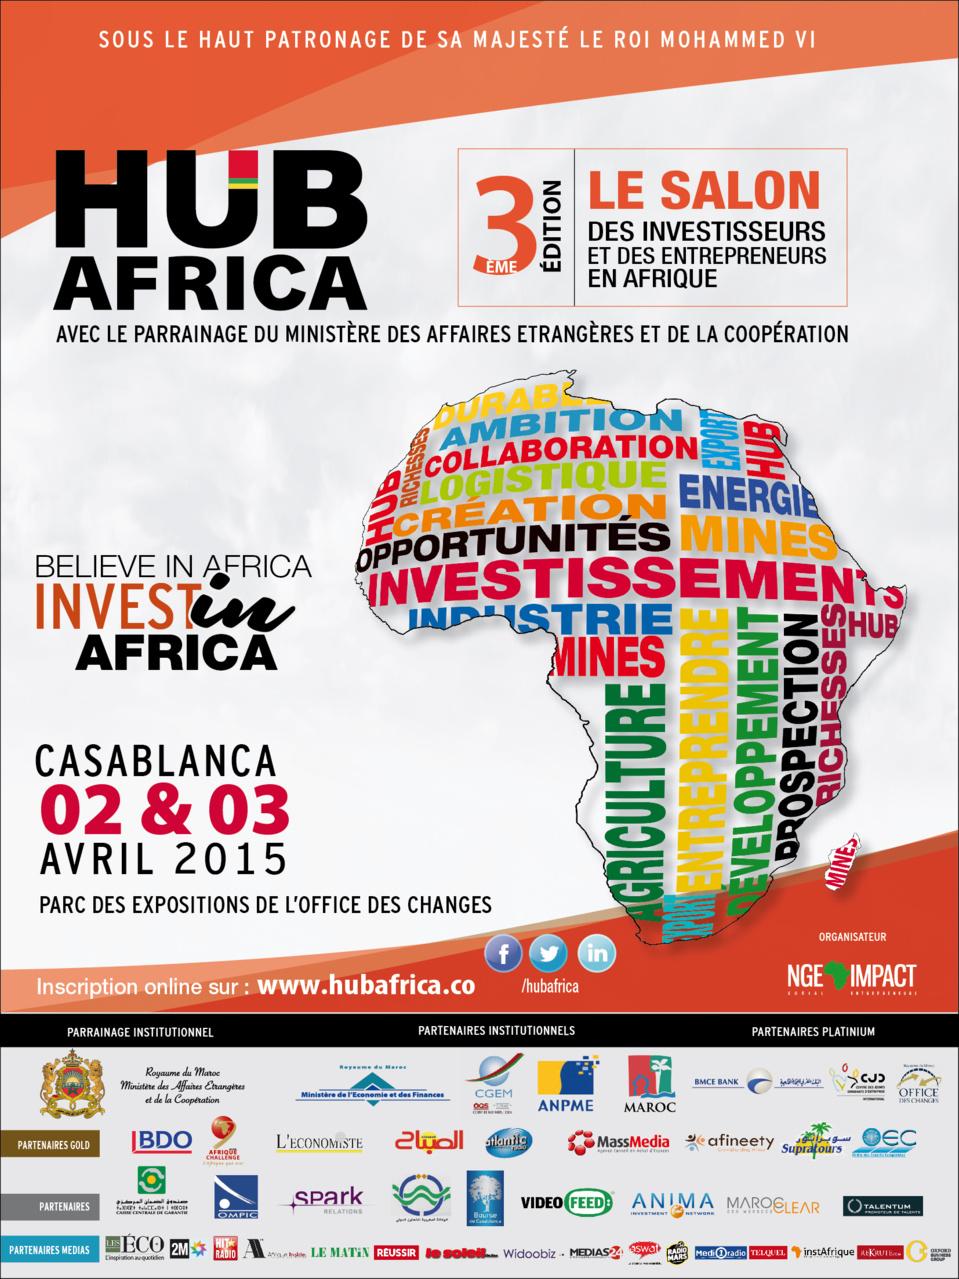 Casablanca, capitale de l'investissement et de l'Entrepreneuriat en Afrique, les 2 et 3 avril 2015.